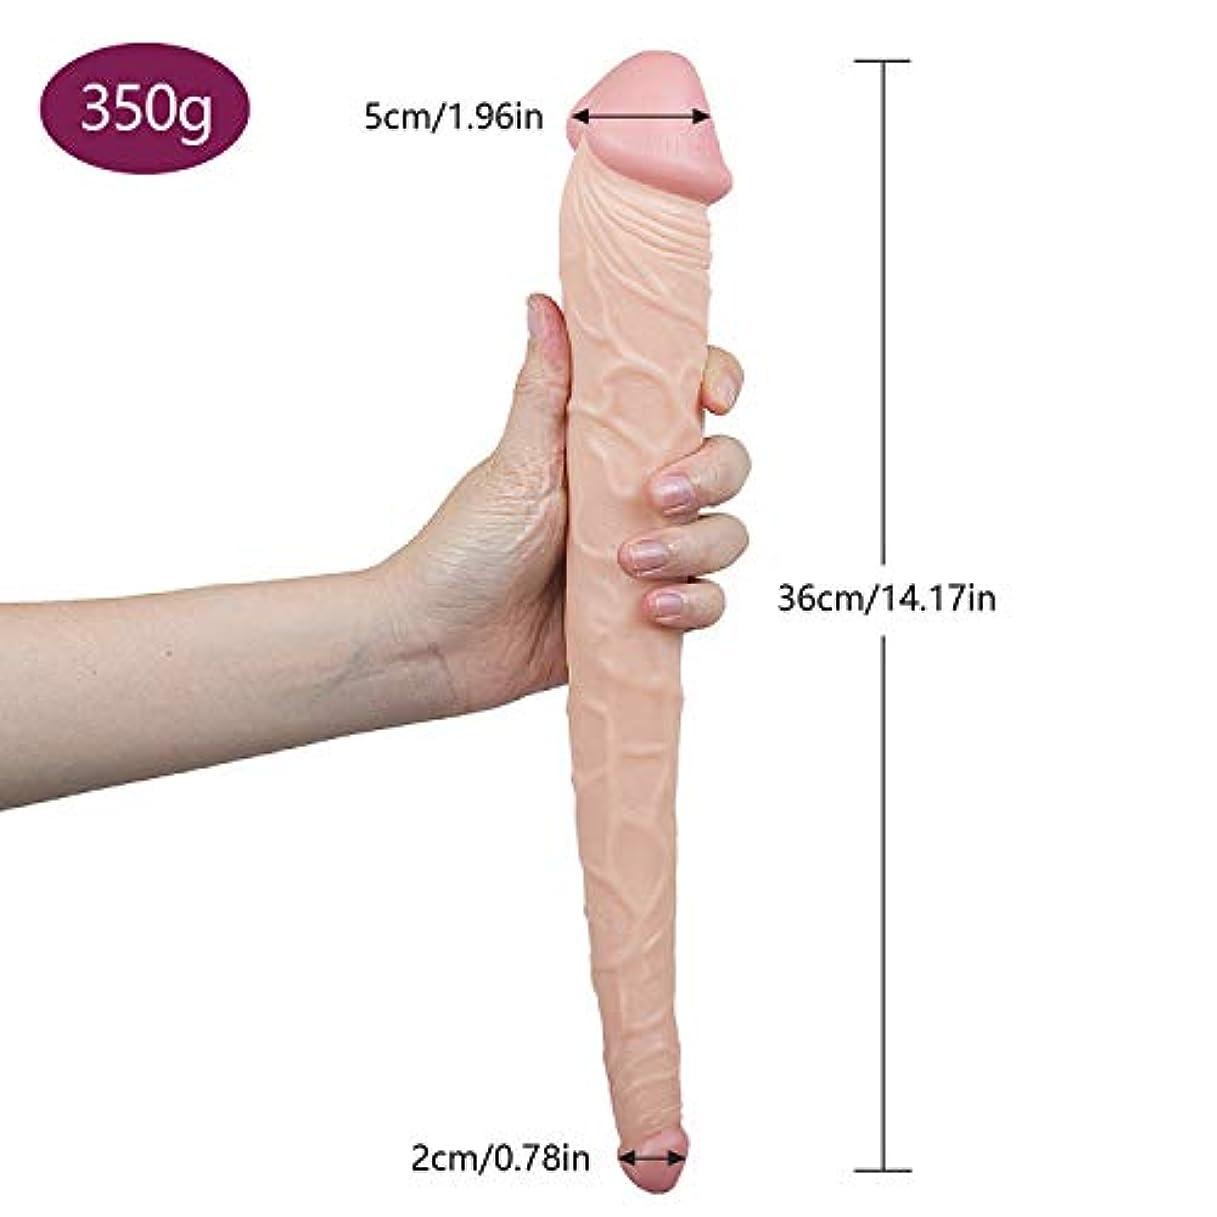 エリート行為ブロックするペニス 14.17インチの完全なサイズの完全なボディマッサージャーの二重頭の側面のマッサージャーのおもちゃ マッサージャー